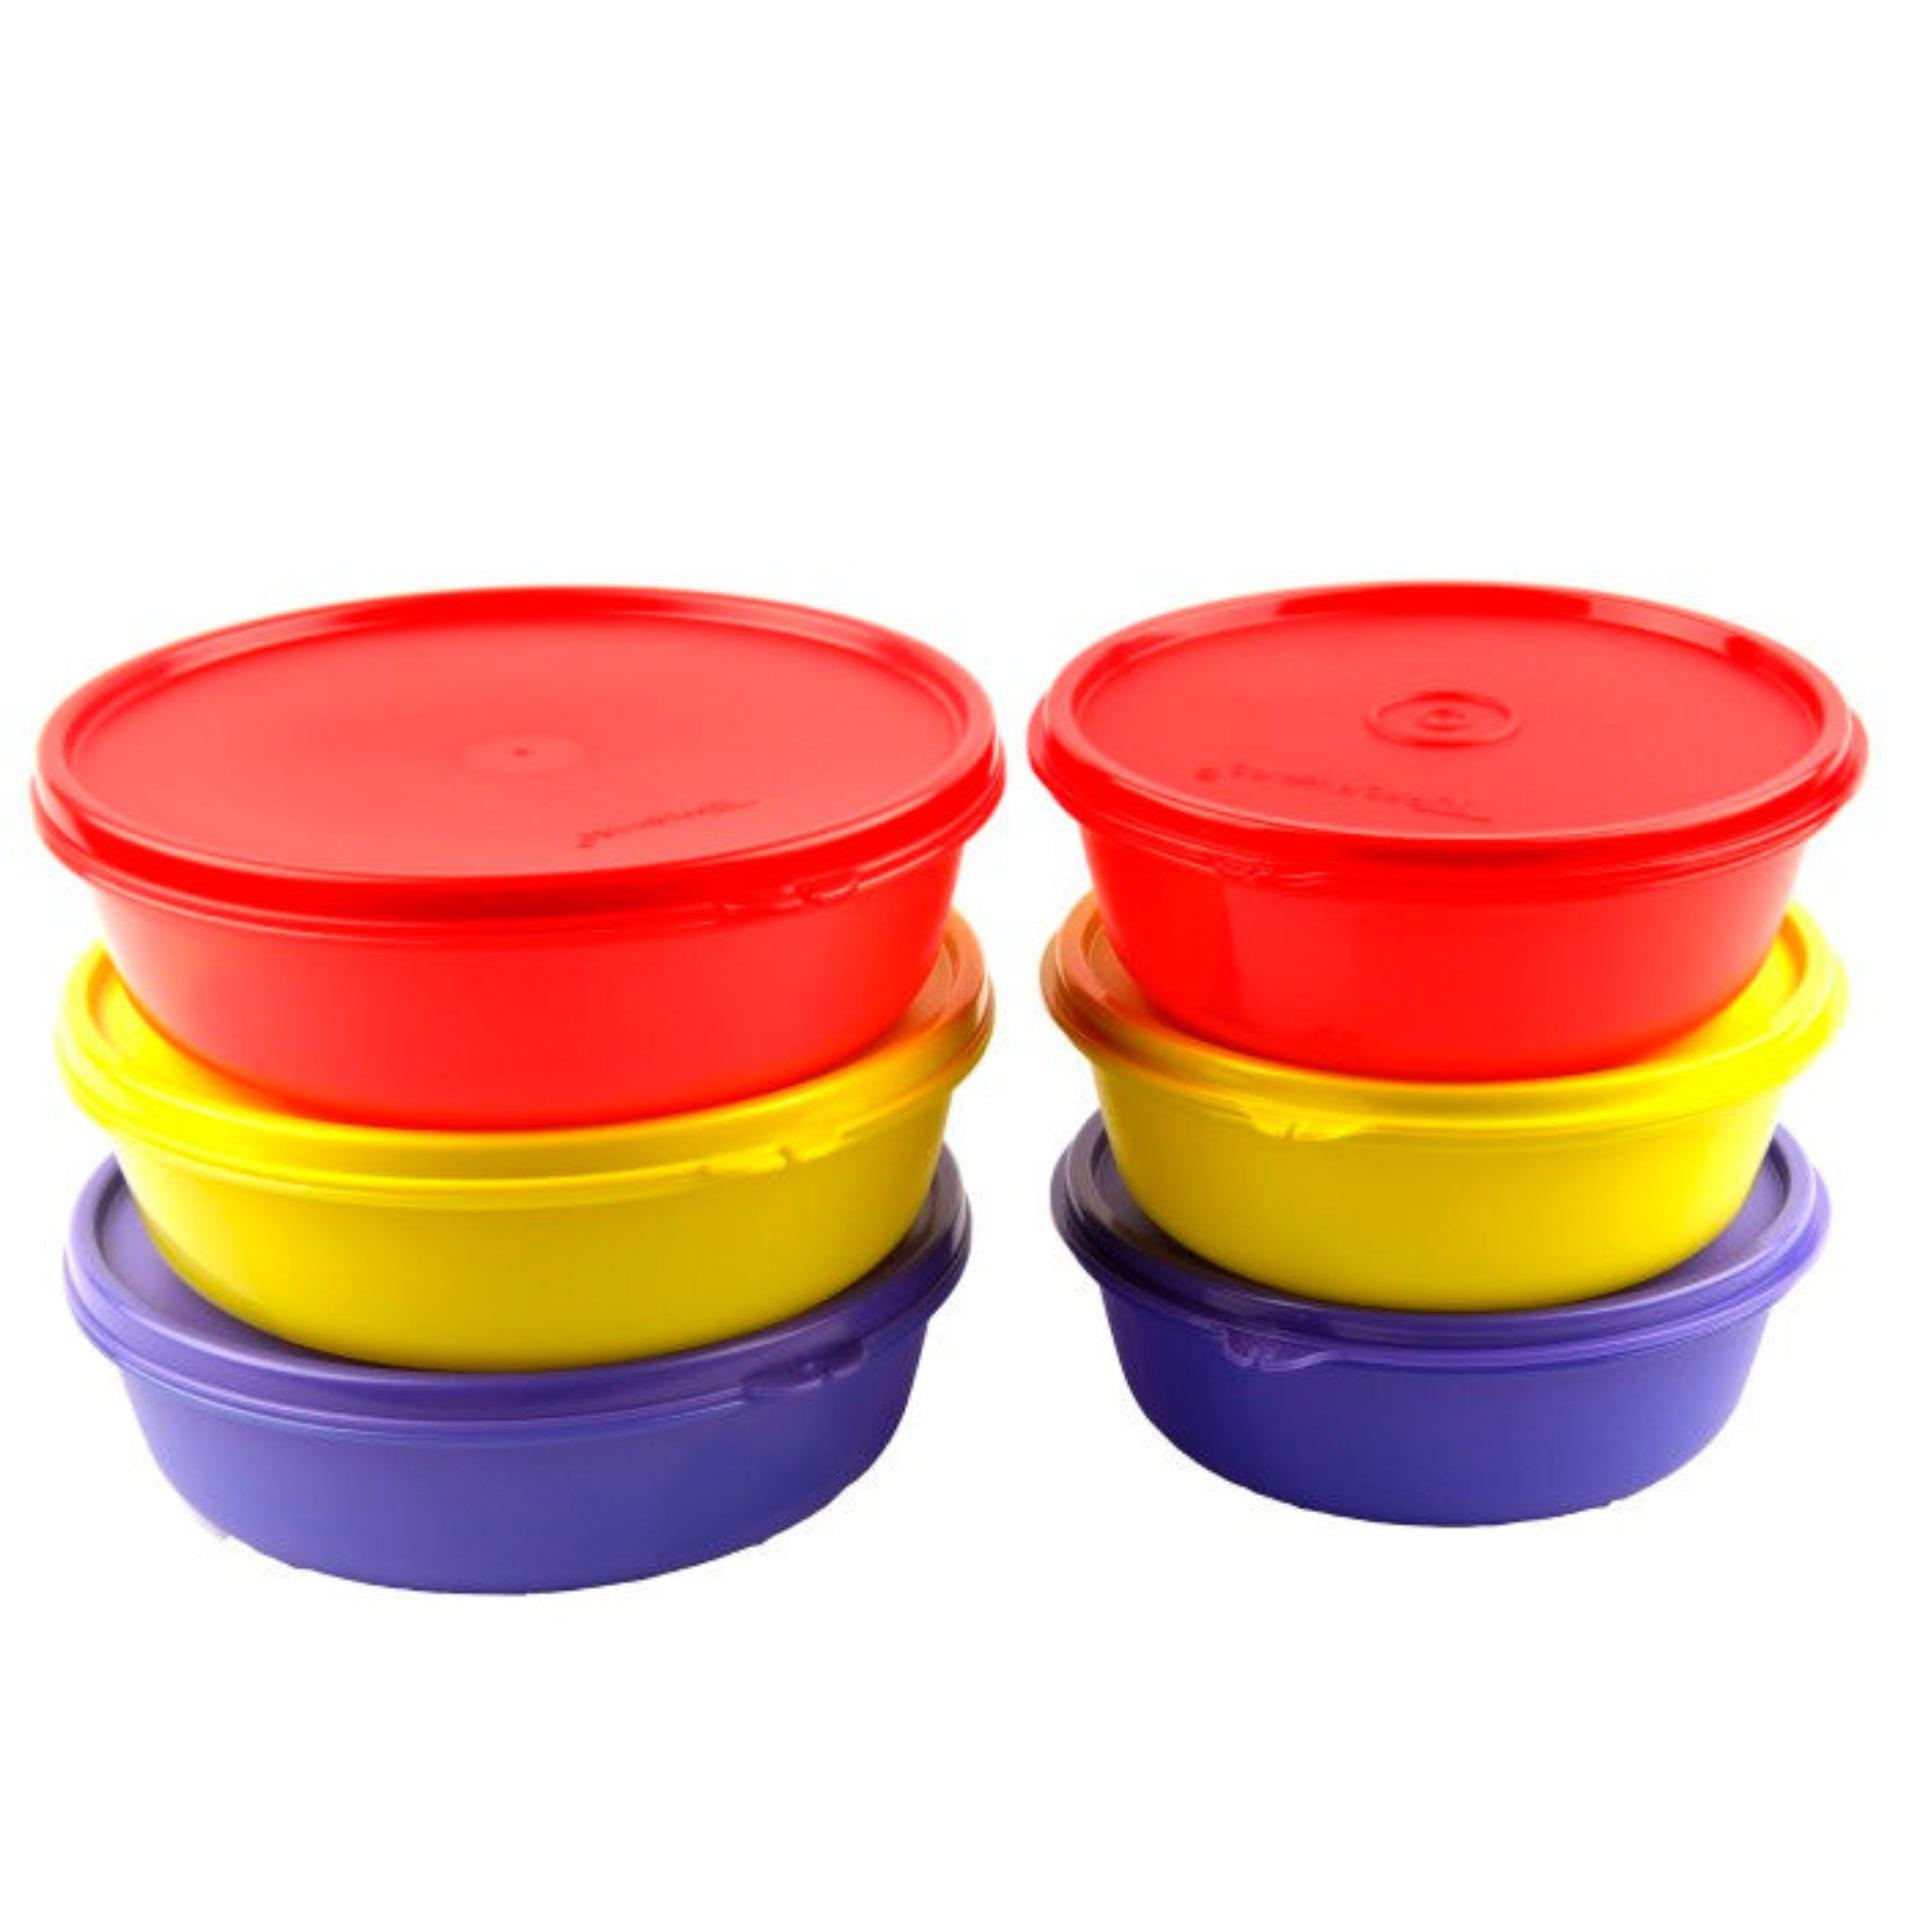 Tupperware Multi Bowl Set (6)